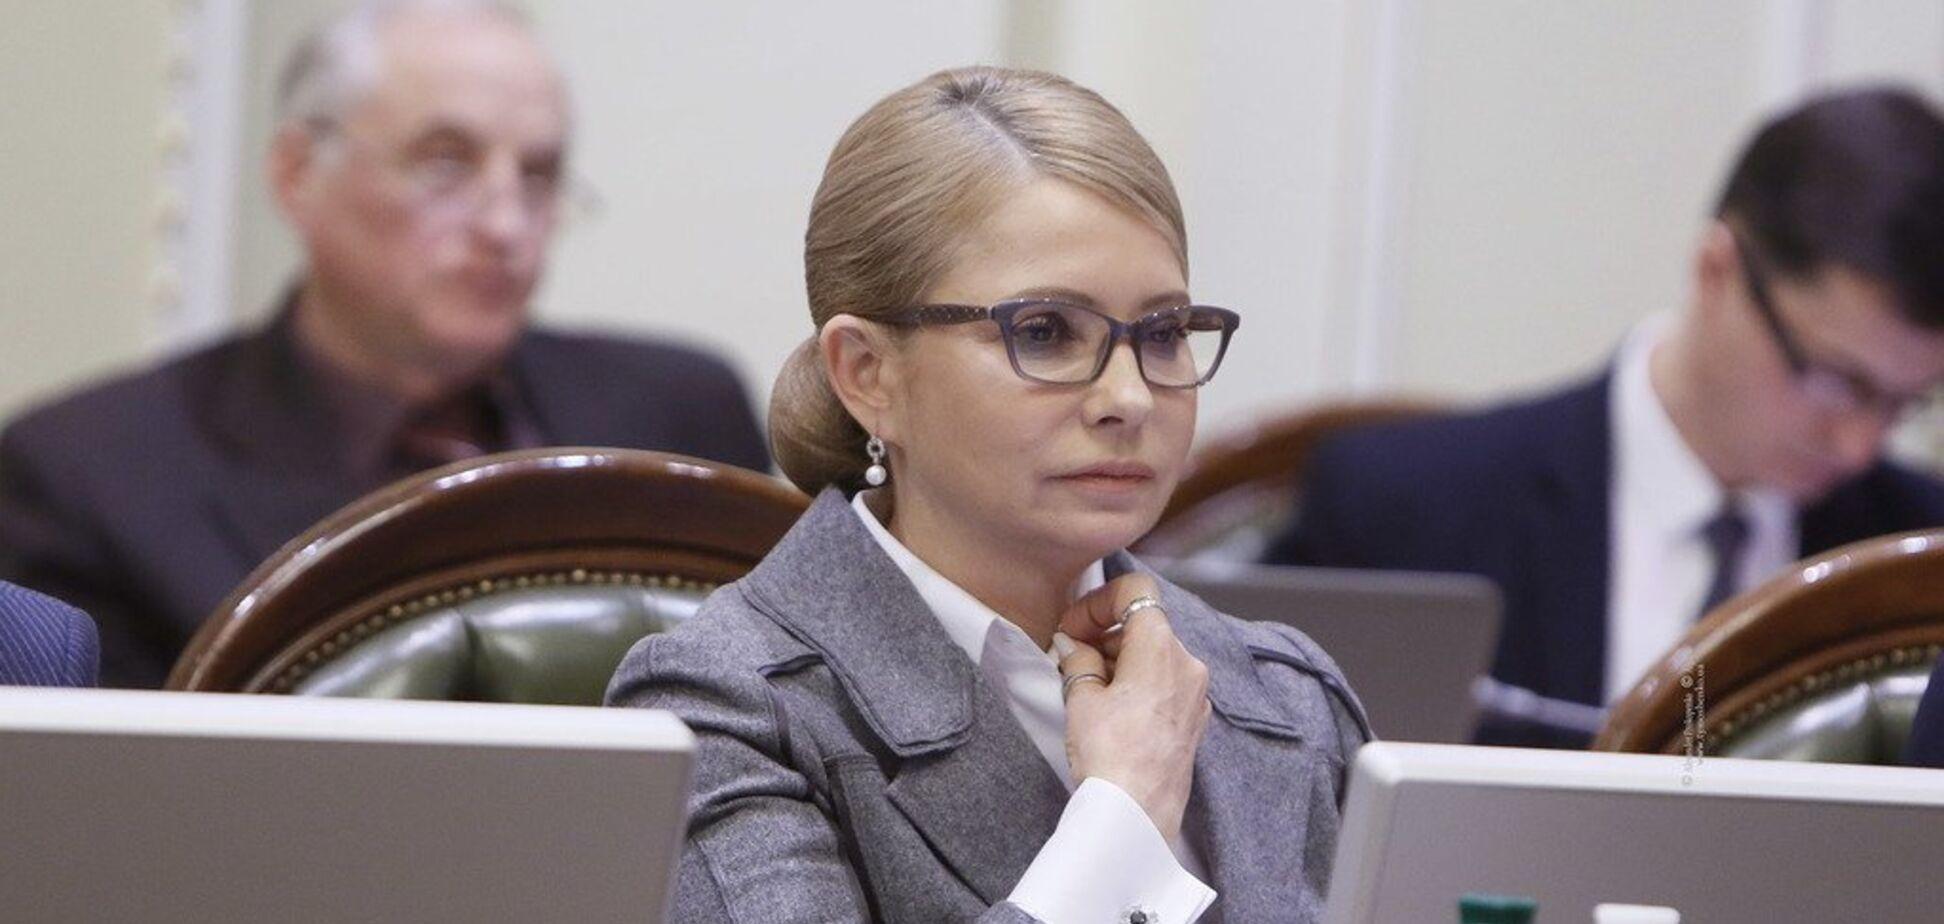 Тимошенко требует отчета силовиков относительно фальсификации выборов властью